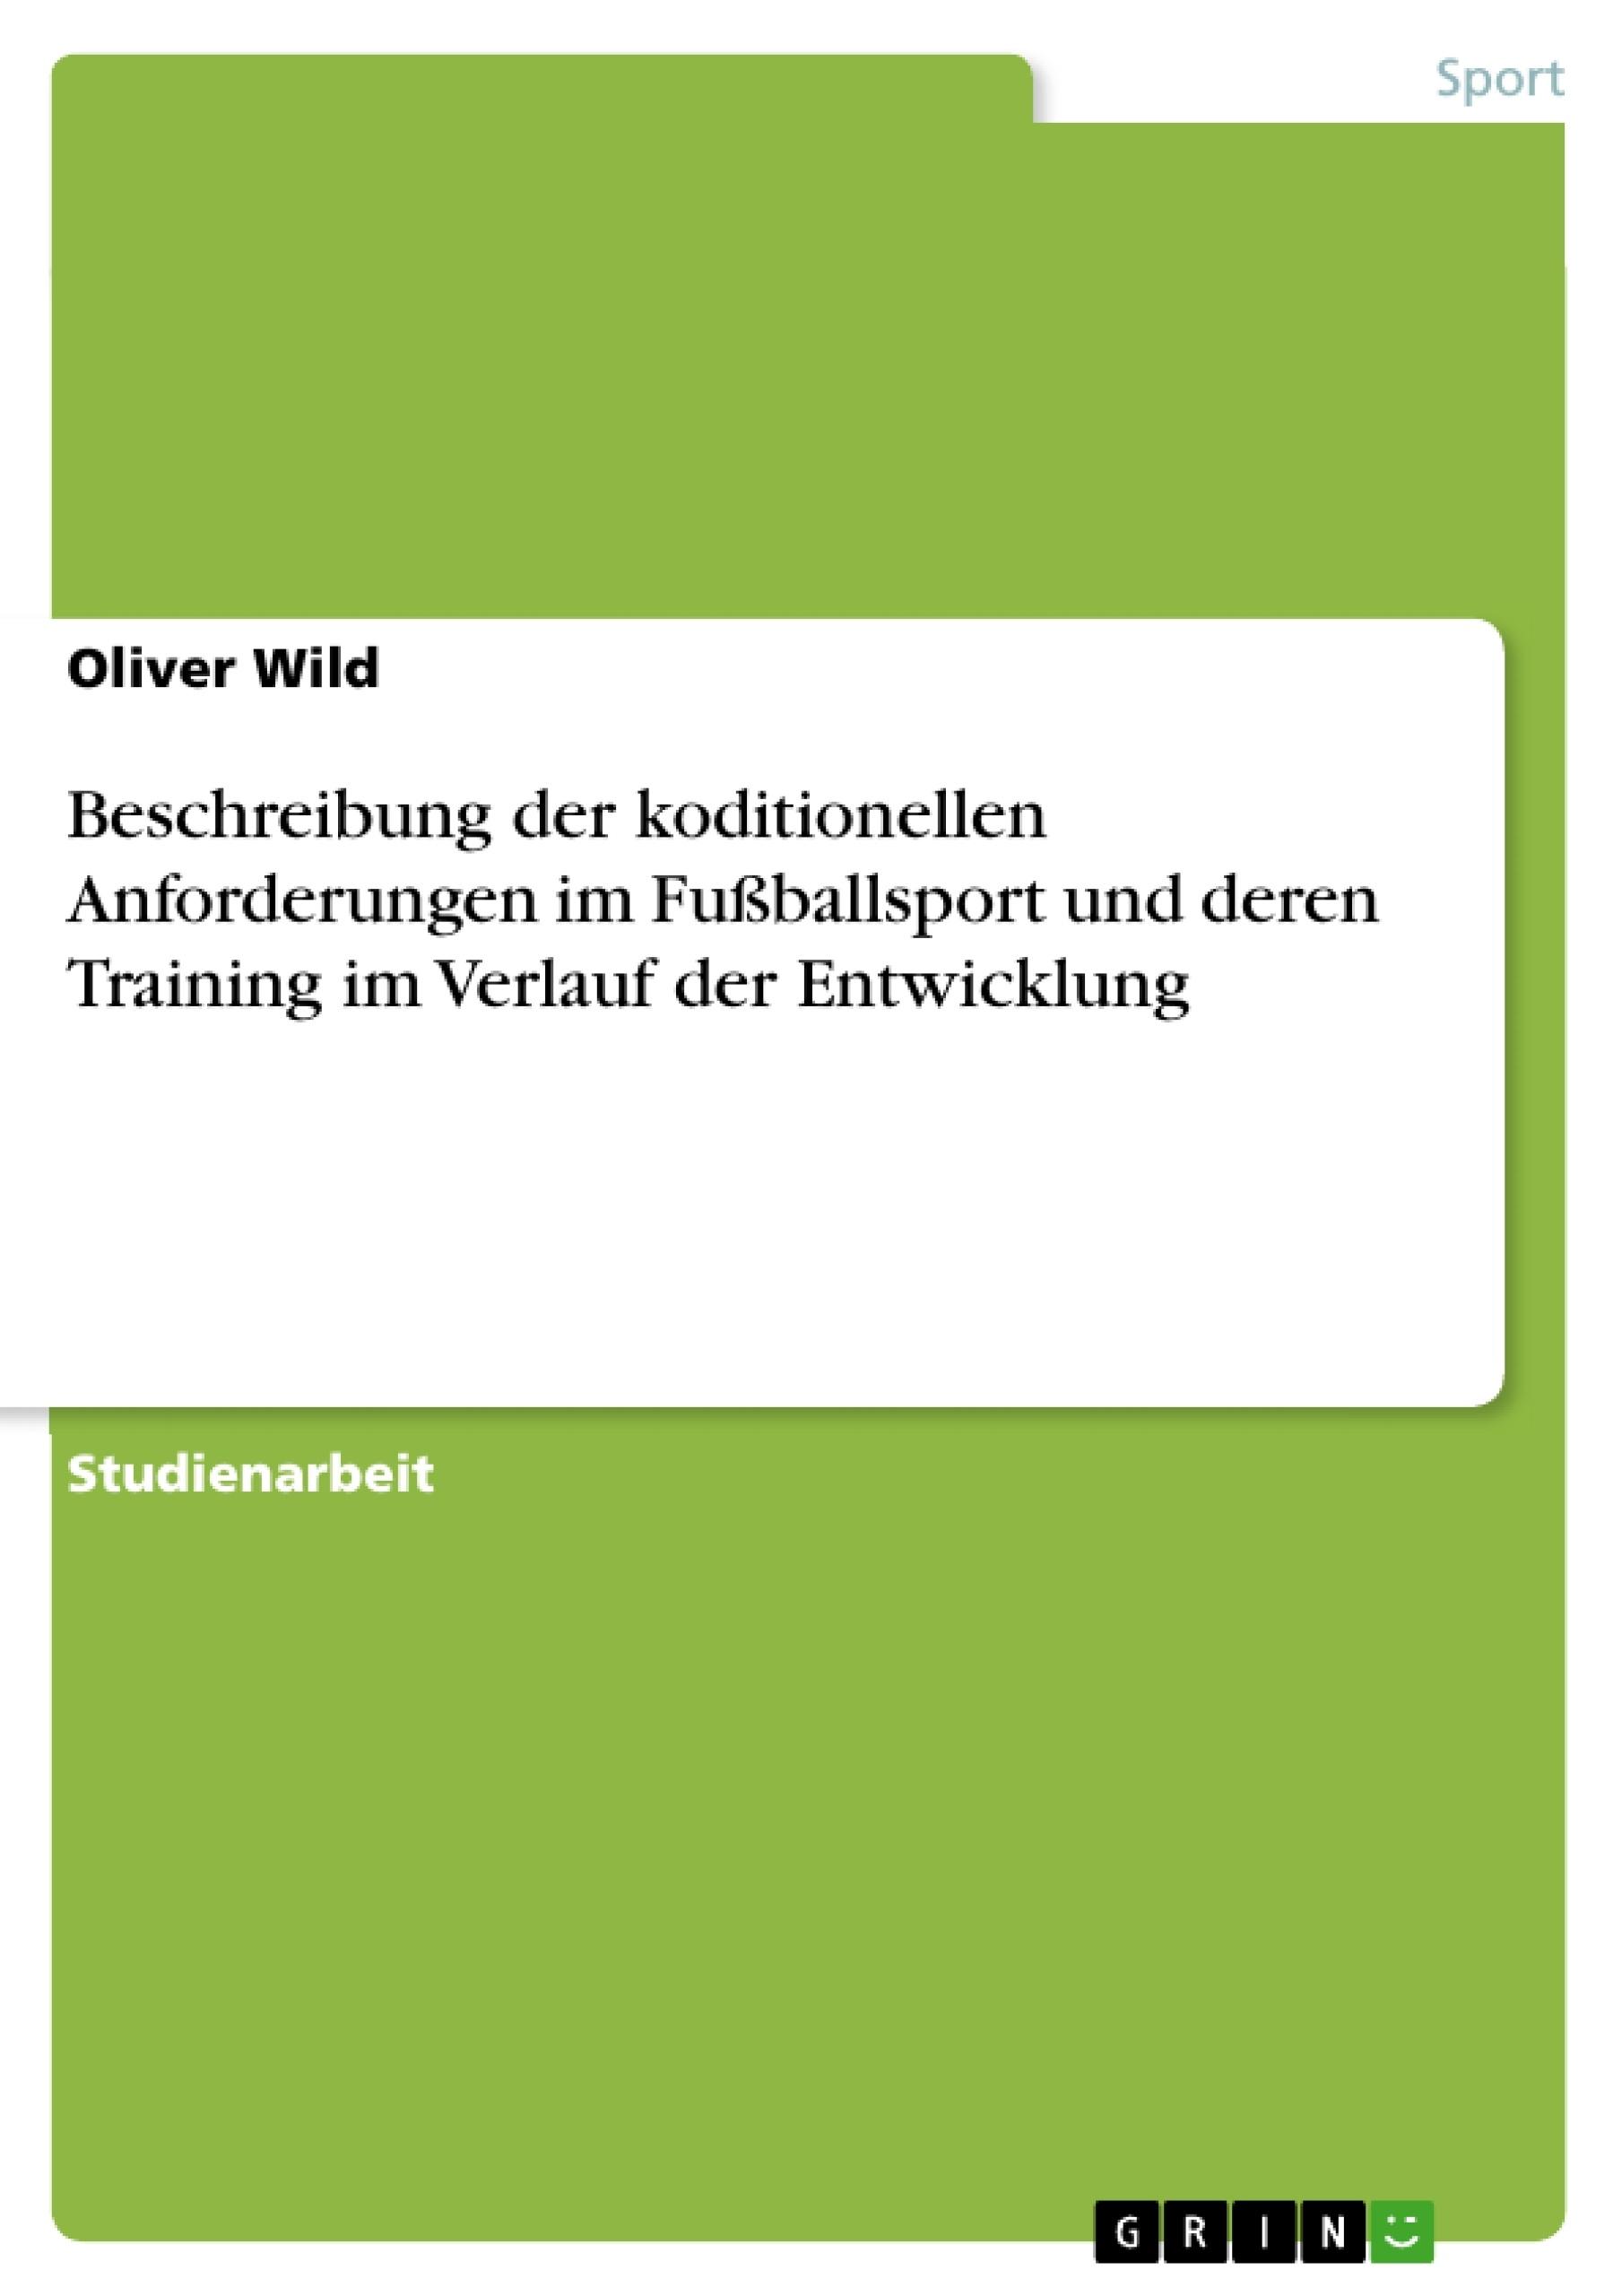 Titel: Beschreibung der koditionellen Anforderungen im Fußballsport und deren Training im Verlauf der Entwicklung